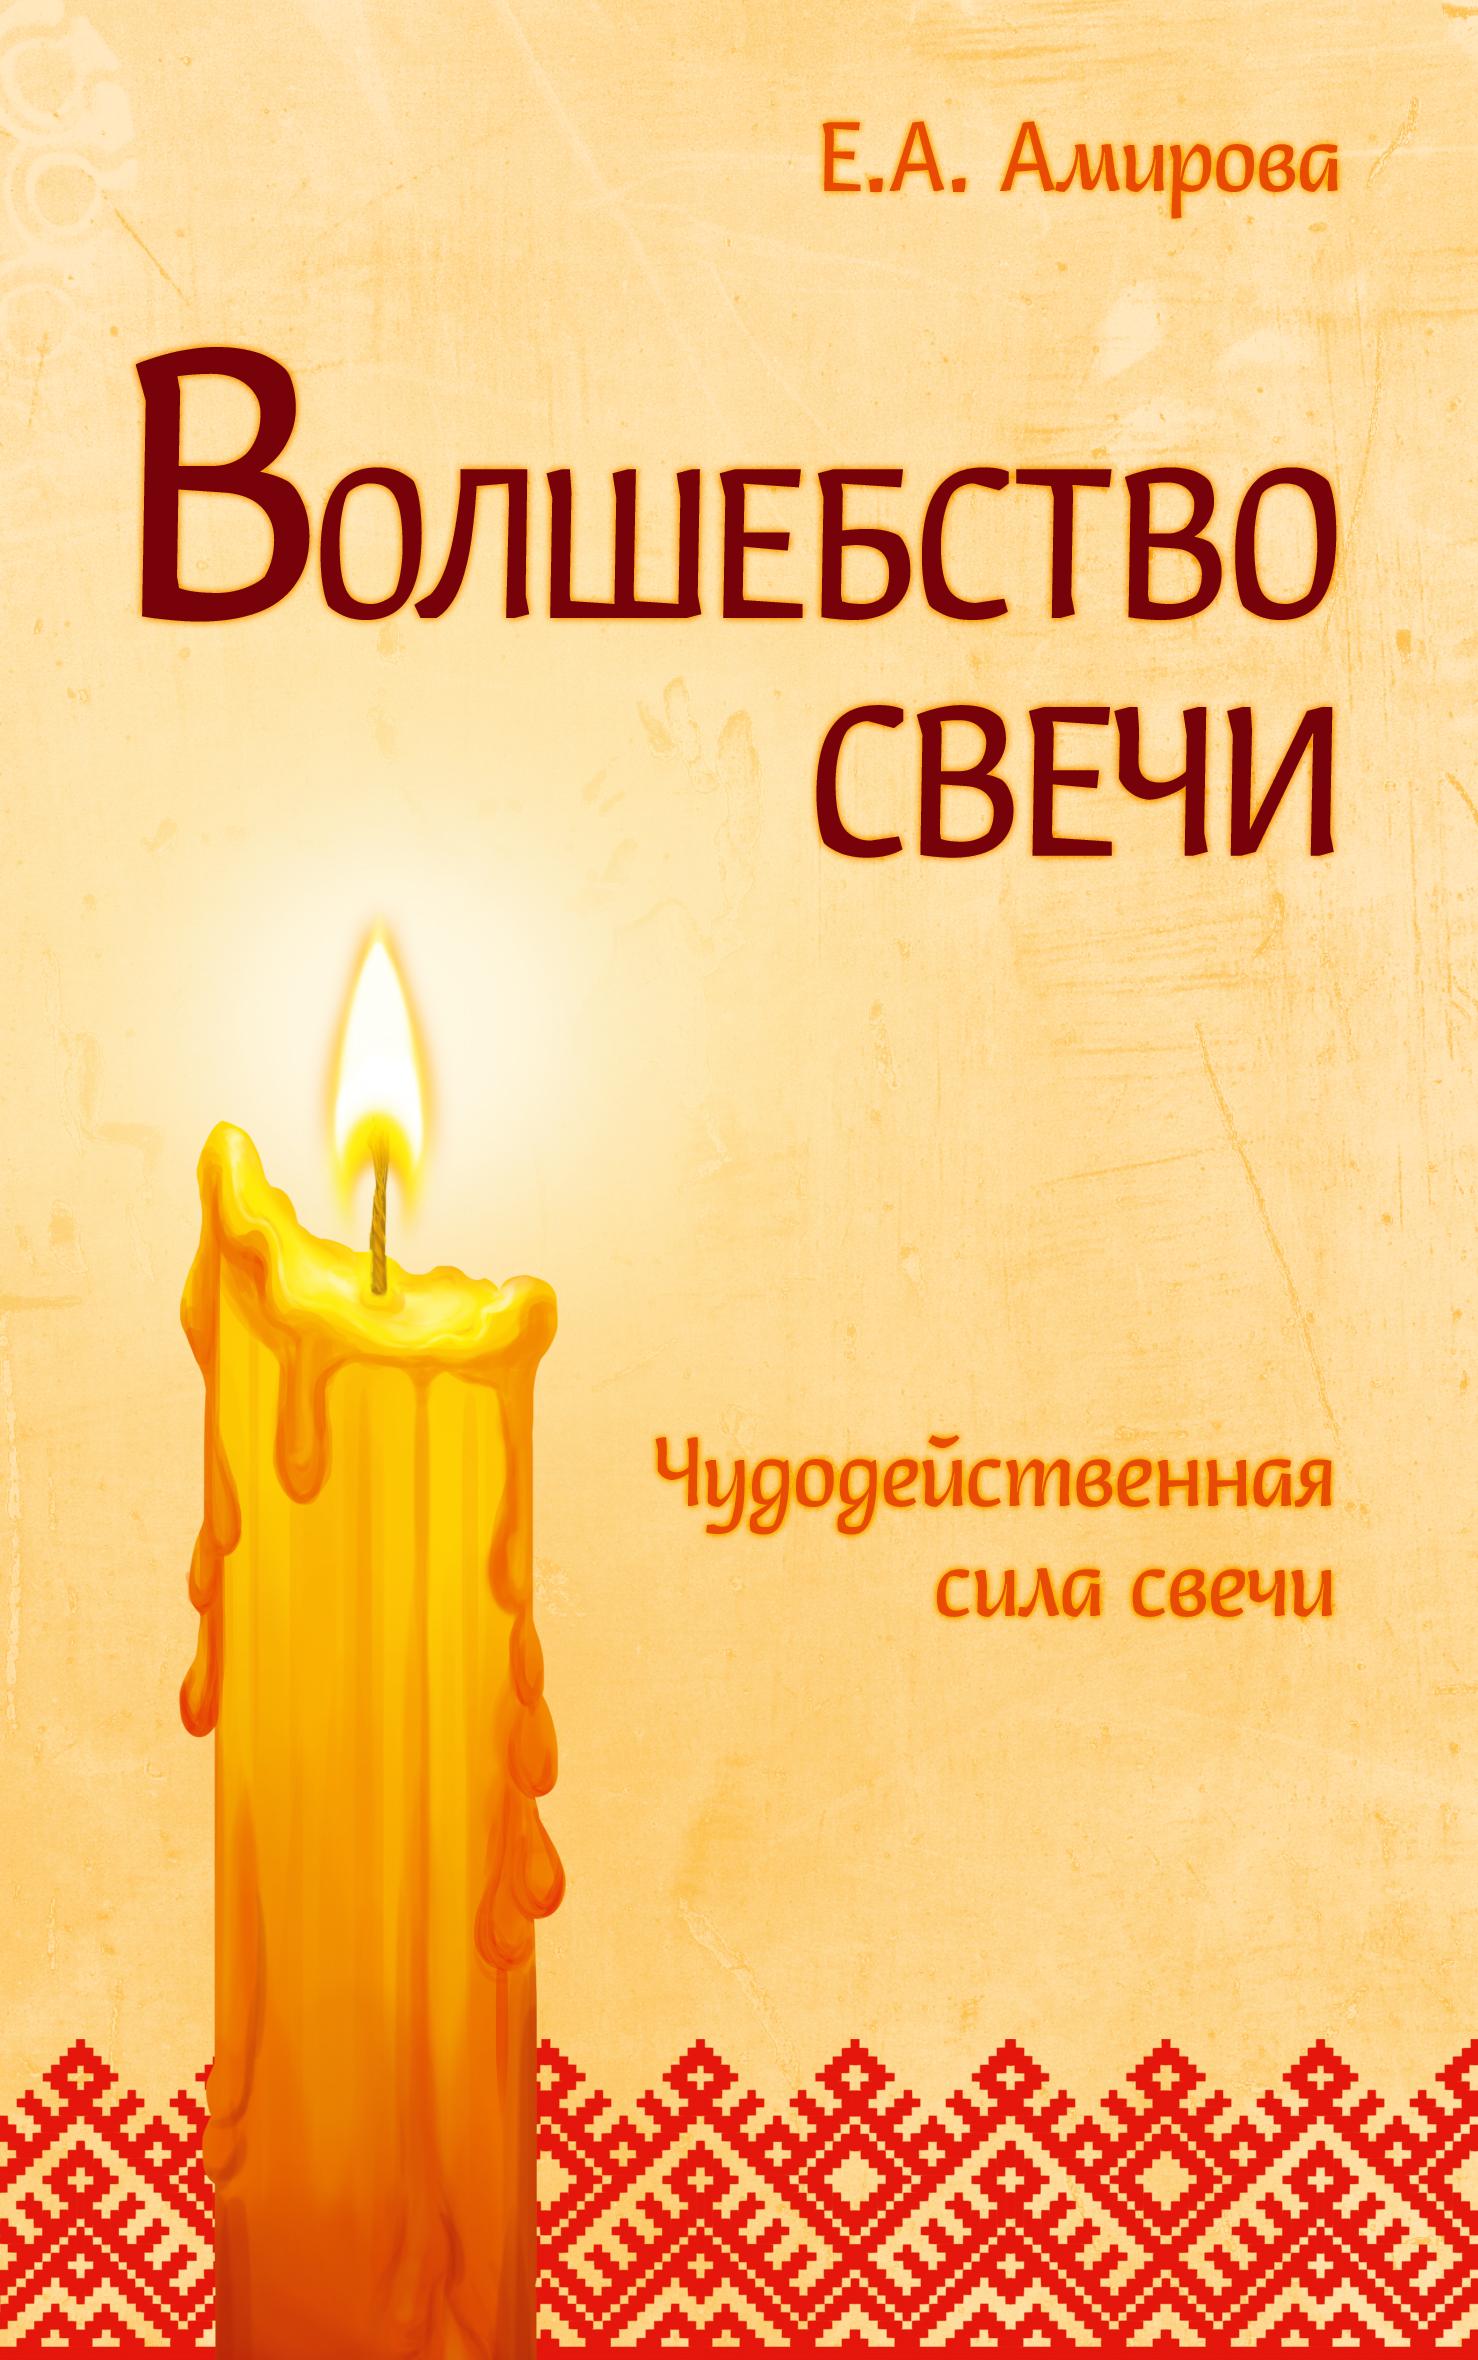 Волшебство свечи. 3-е изд. Чудодейственная сила свечи